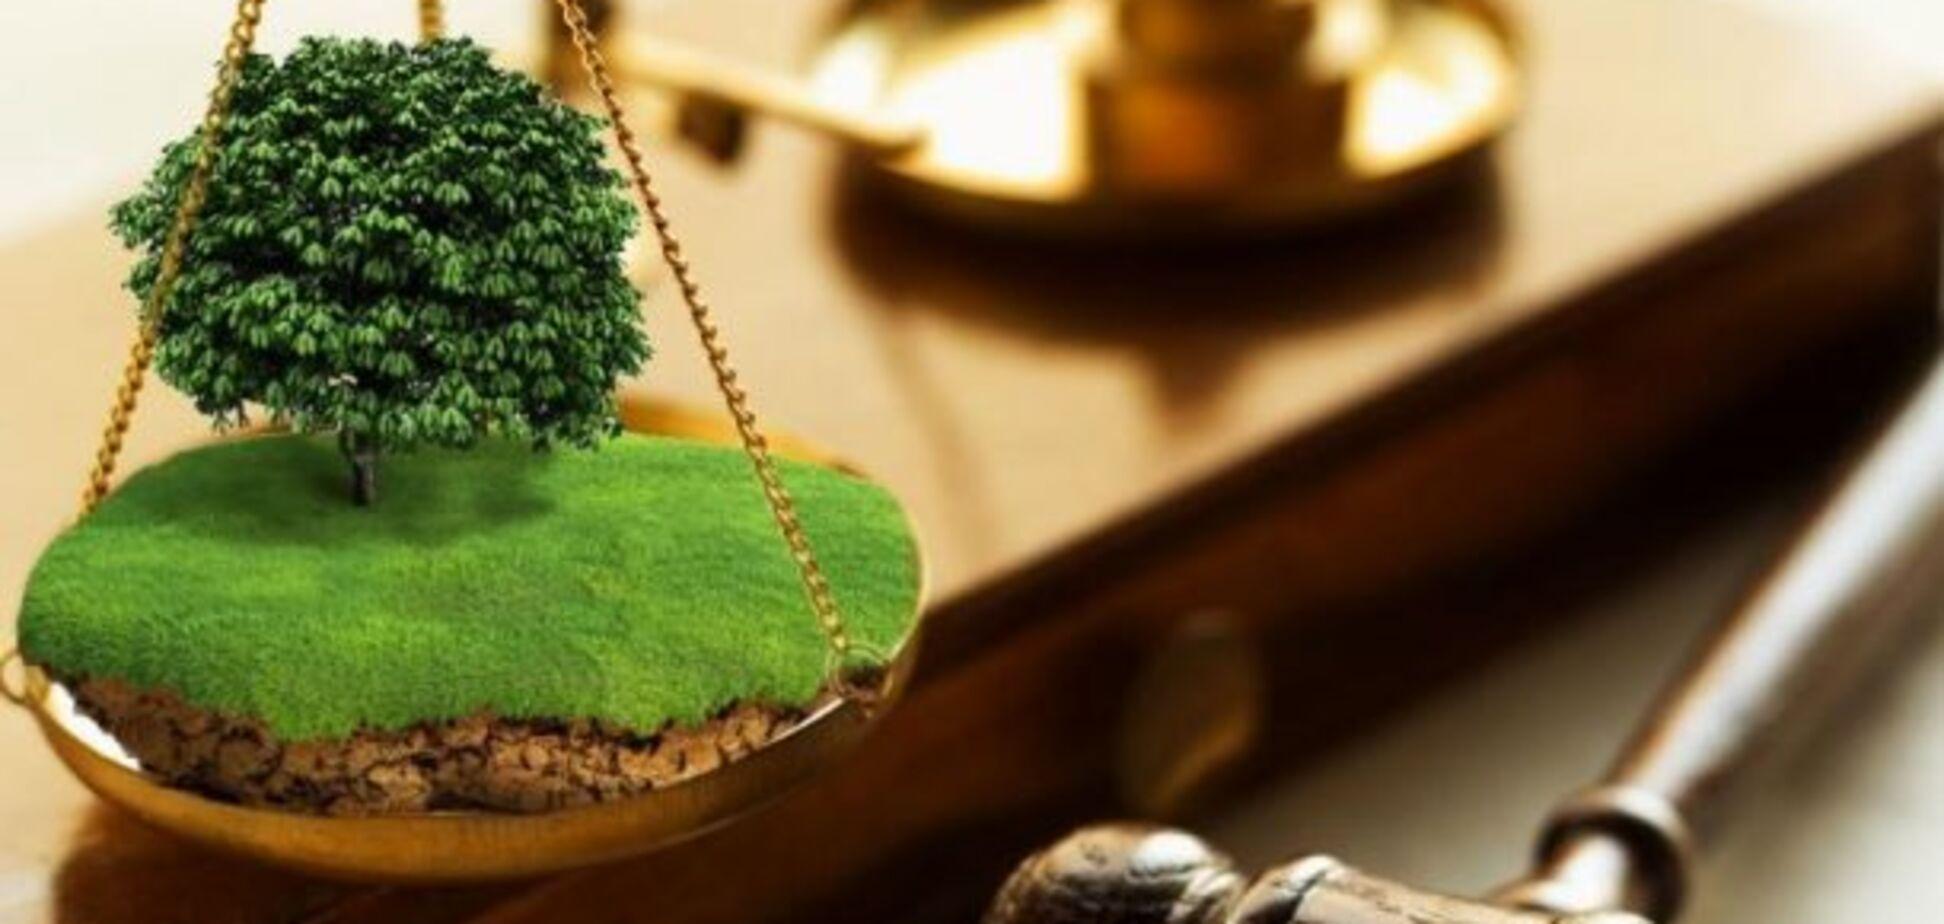 Розірвати договір оренди – головне право власника землі